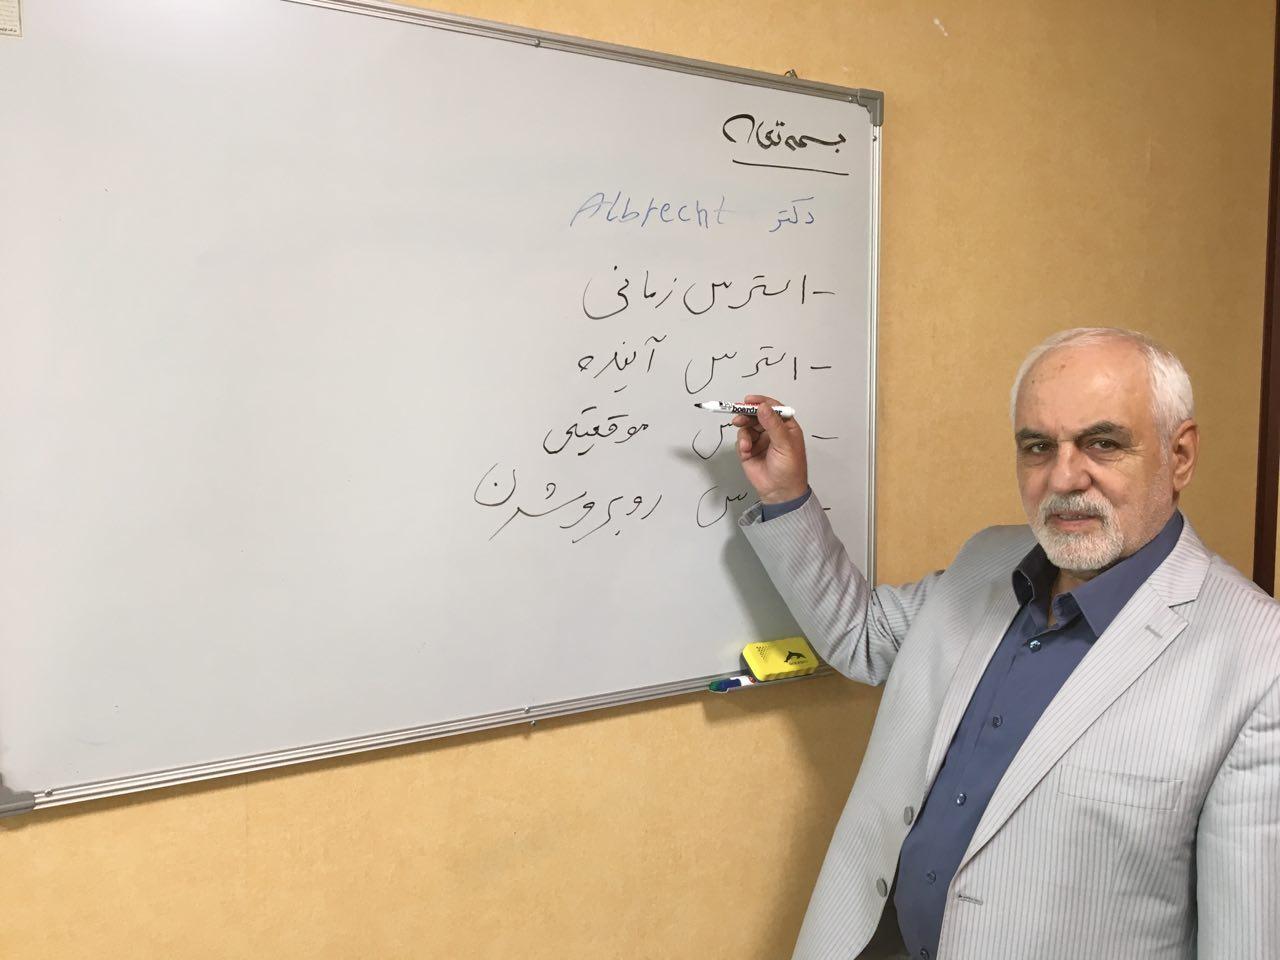 دکتر سید رضا ابراهیمی؛ کنترل استرس رؤسا و معاونان شعب بانک ها